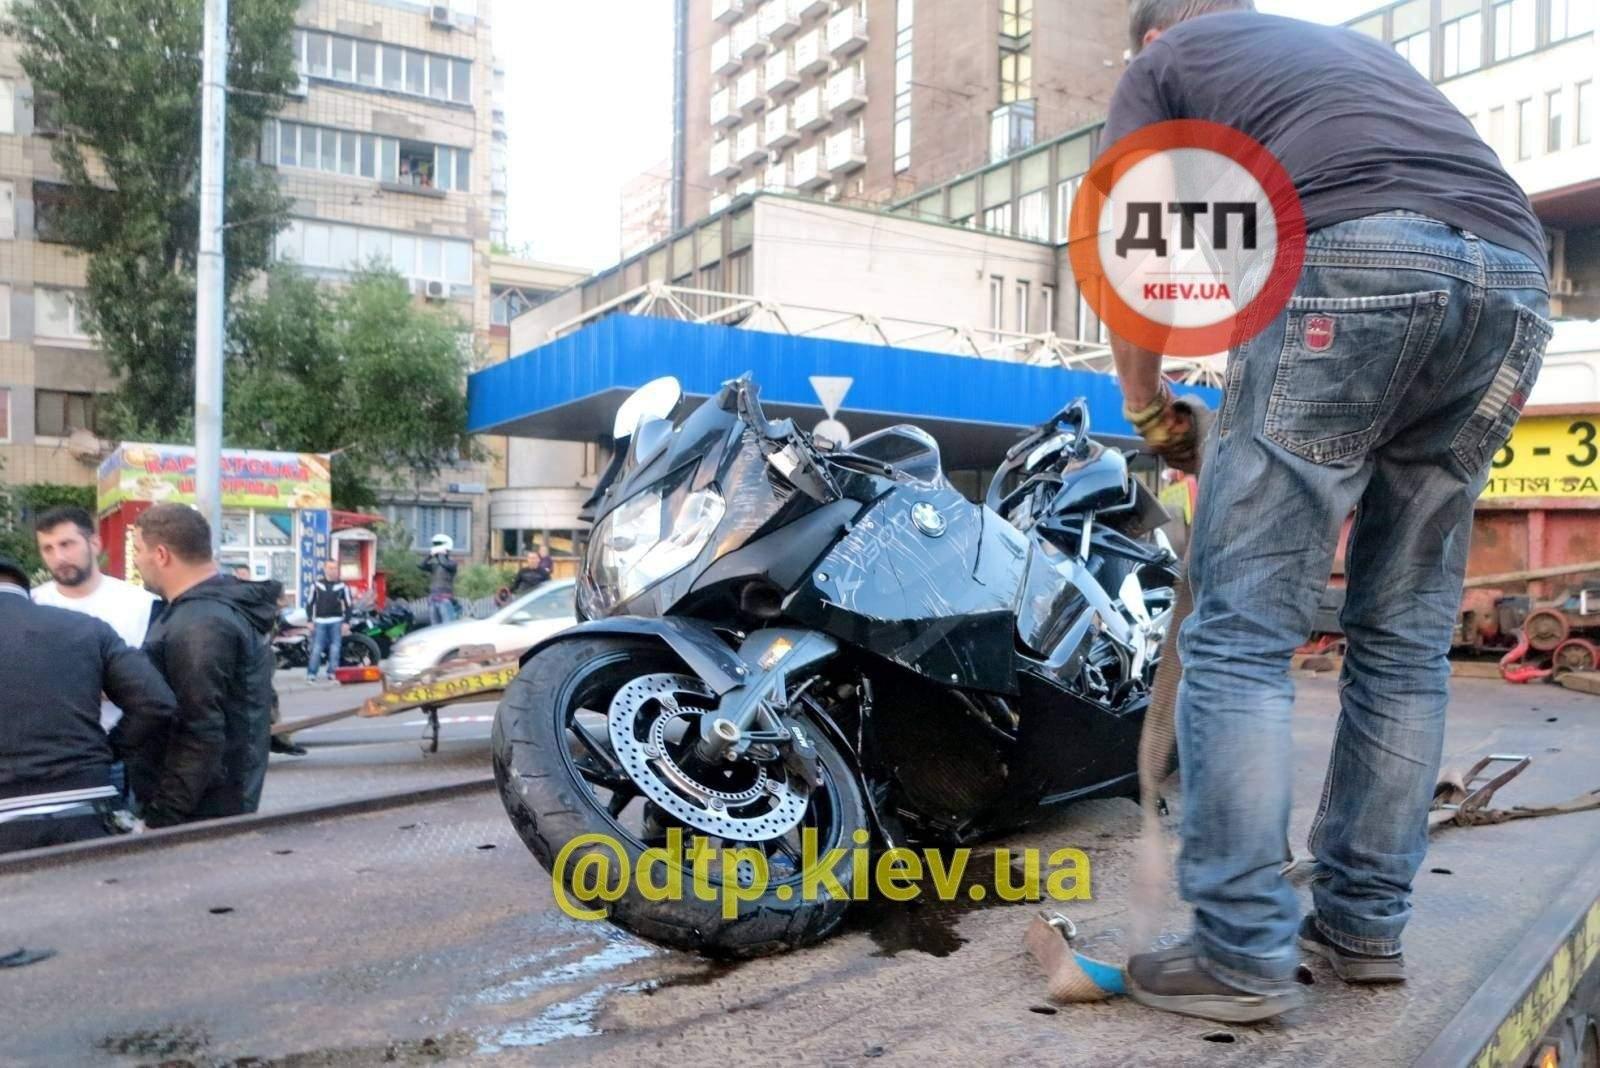 Мотоцикл розбитий